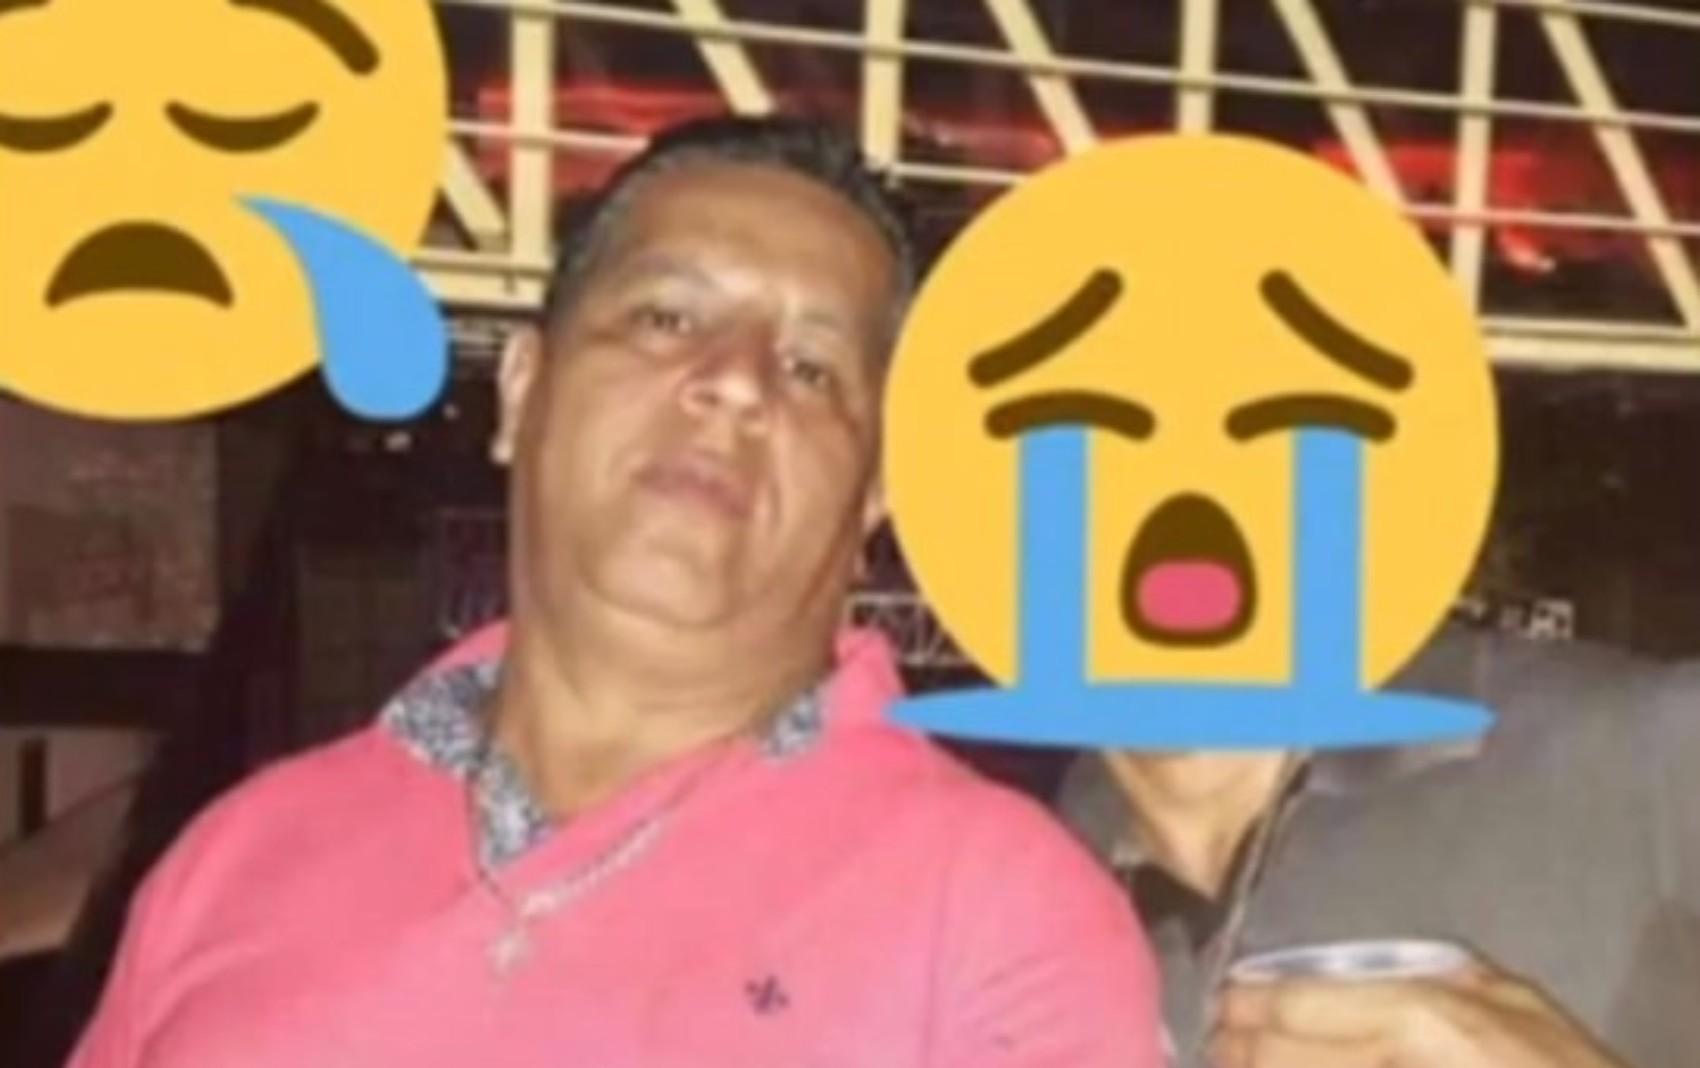 Taxista é baleado dentro de casa, em Salvador, e família diz que caso ocorreu durante operação policial